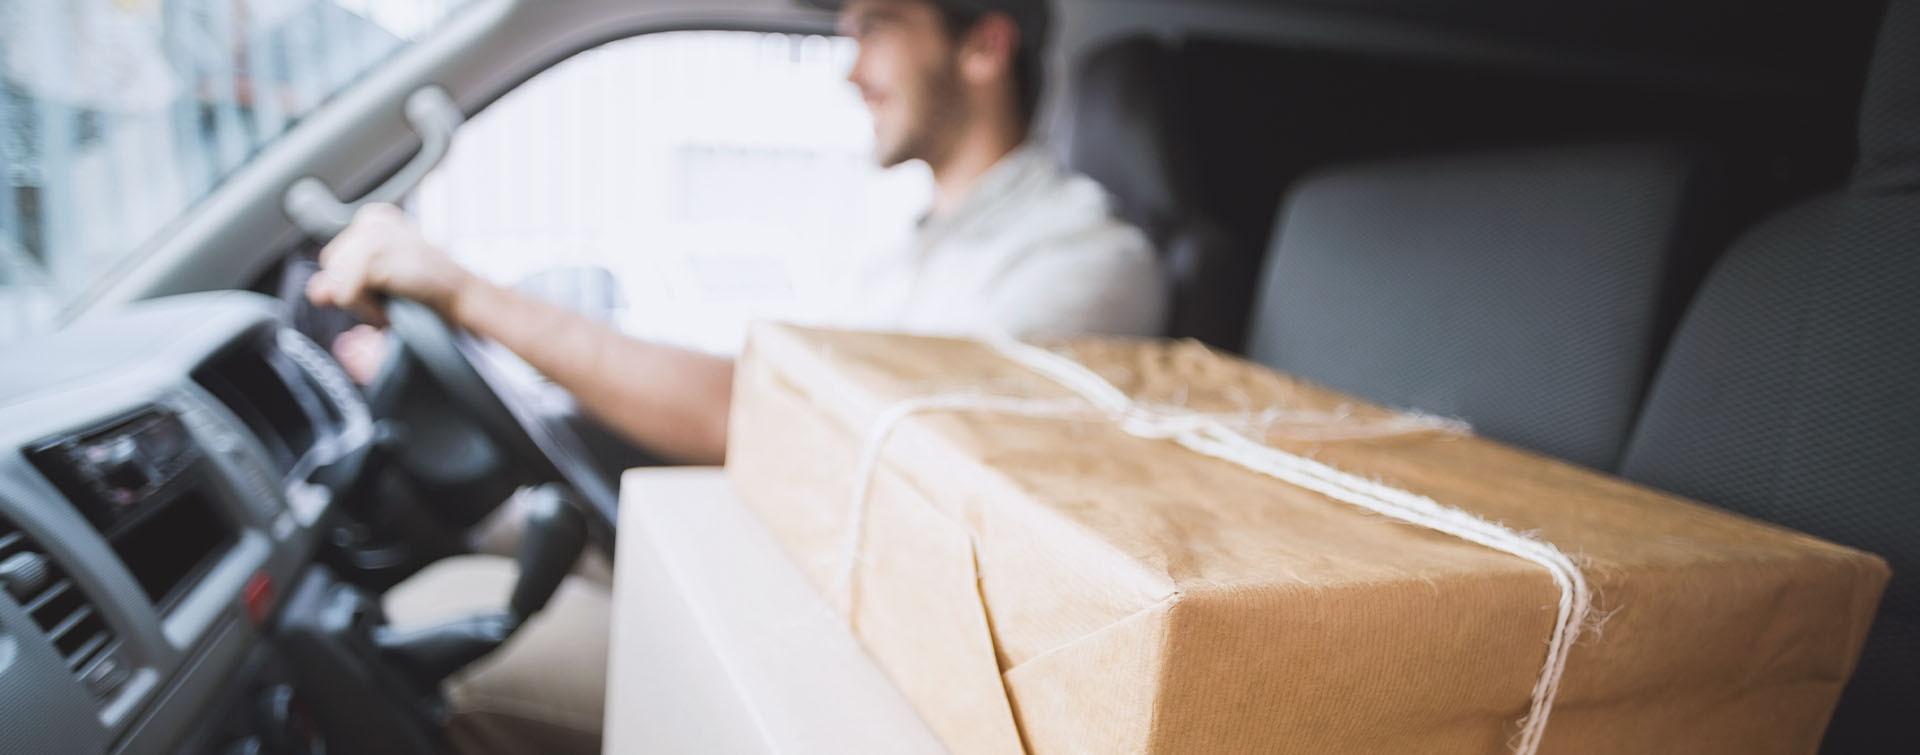 jak zamowic przesylke z xpress delivery furgonetka